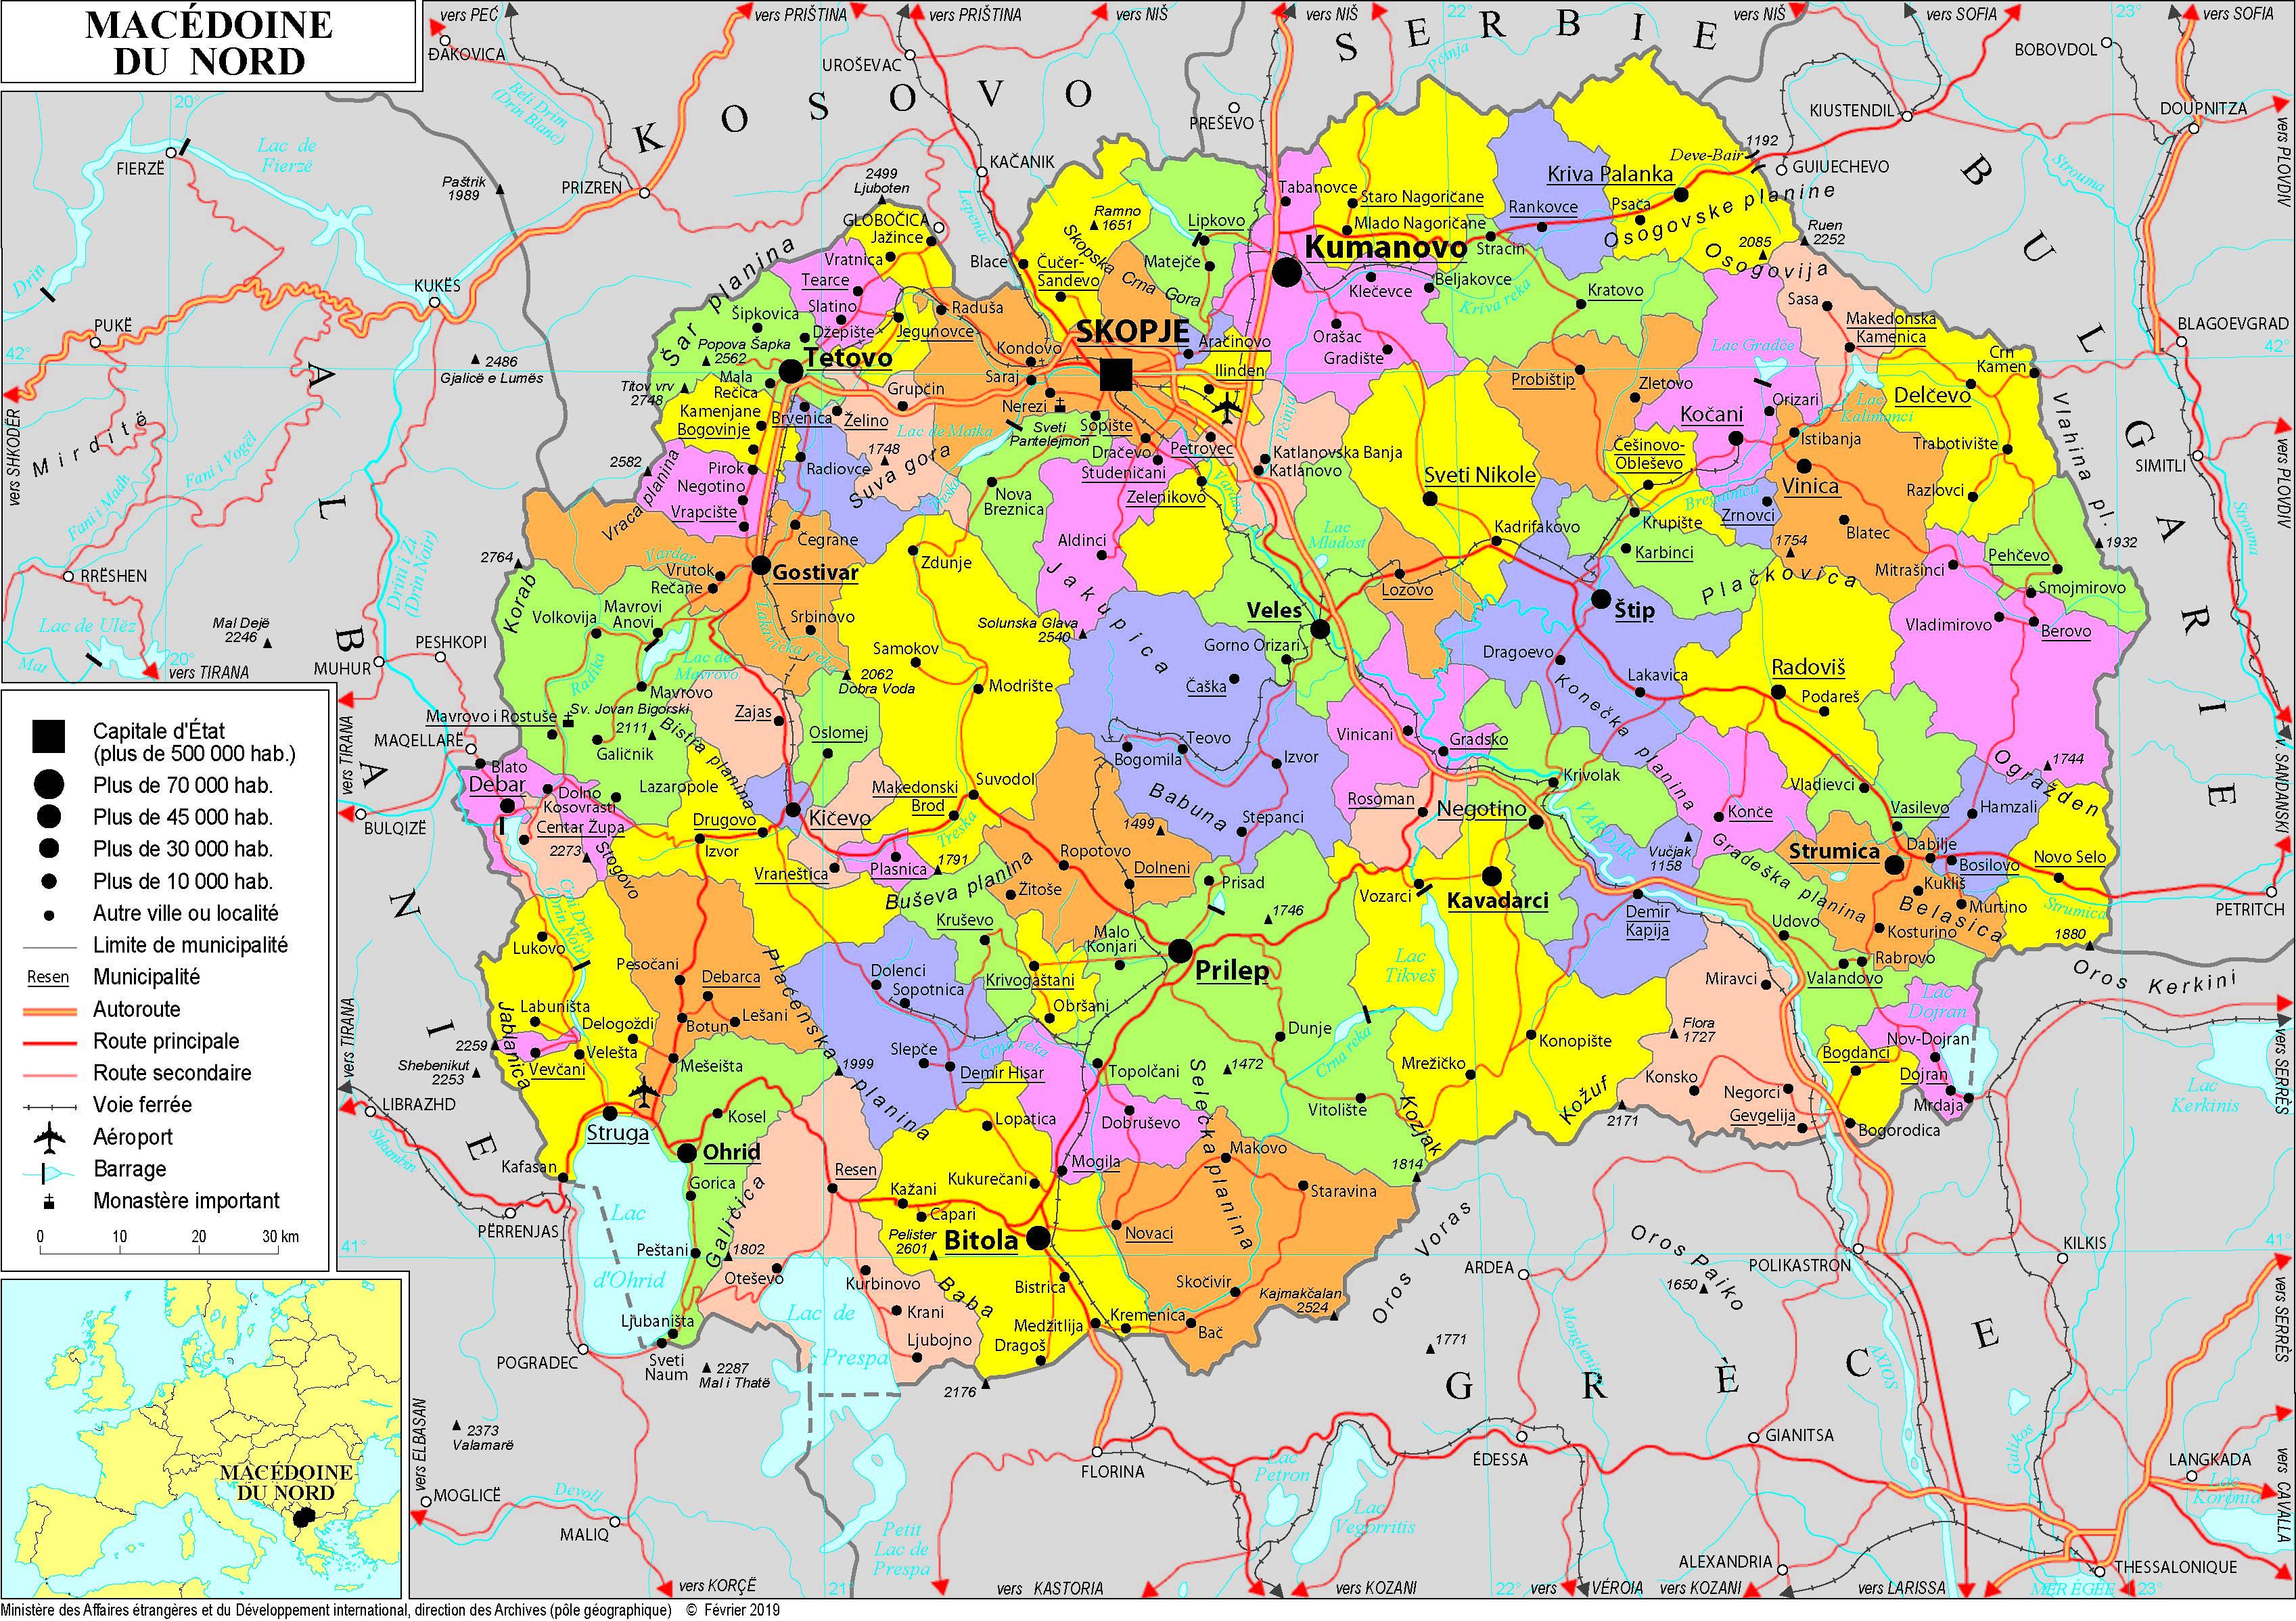 Carte Europe Du Nord En Francais.Macedoine Du Nord Histoire Patrimoine Cartes Documents